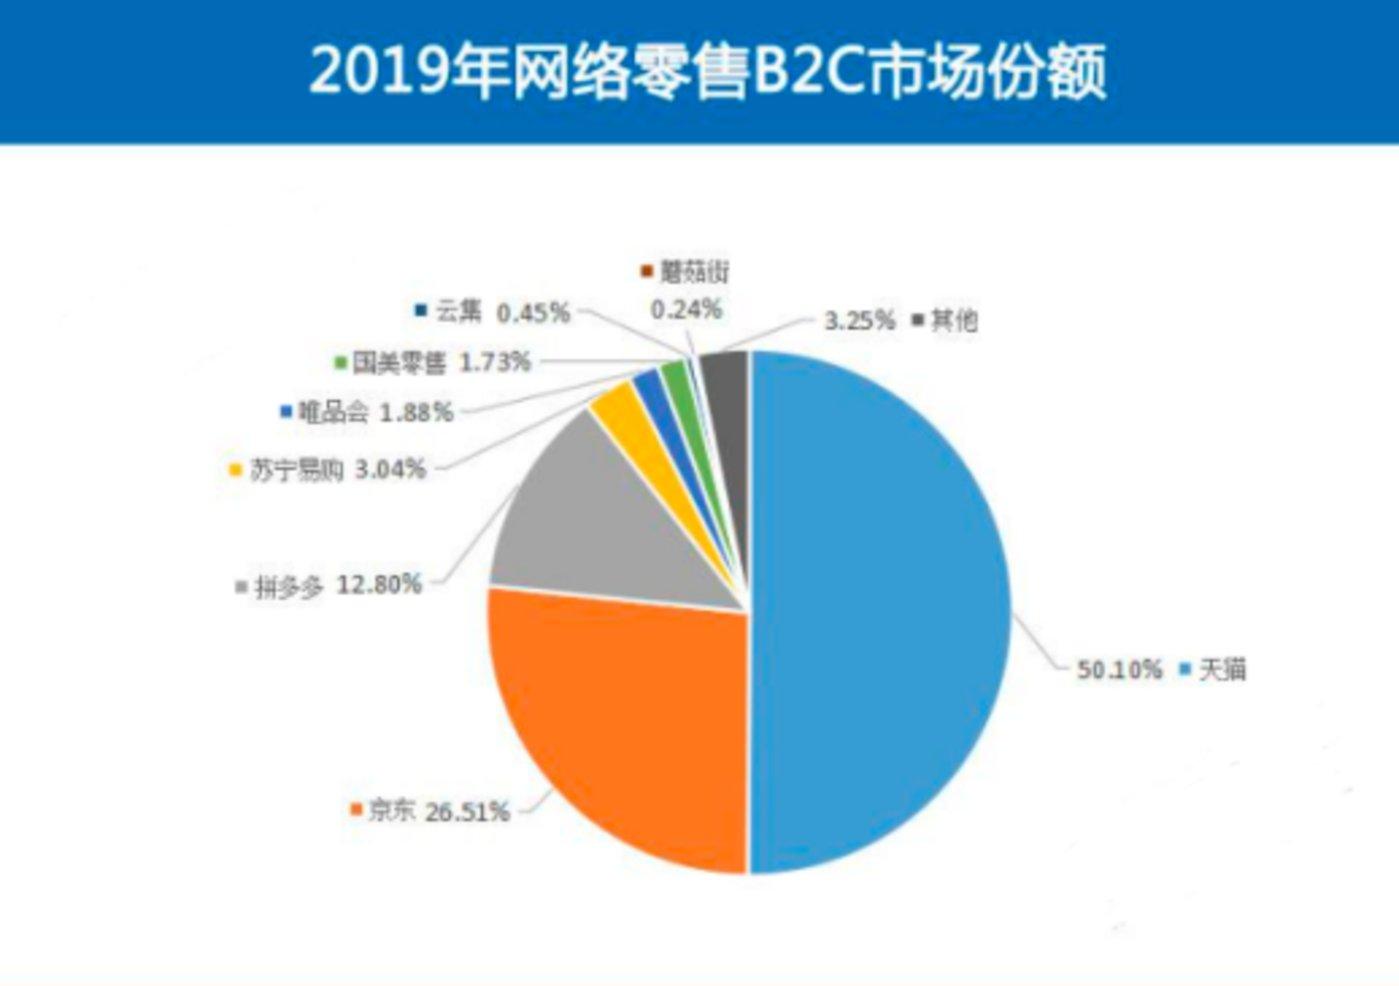 《2019年度中国网络零售市场数据监测报告》